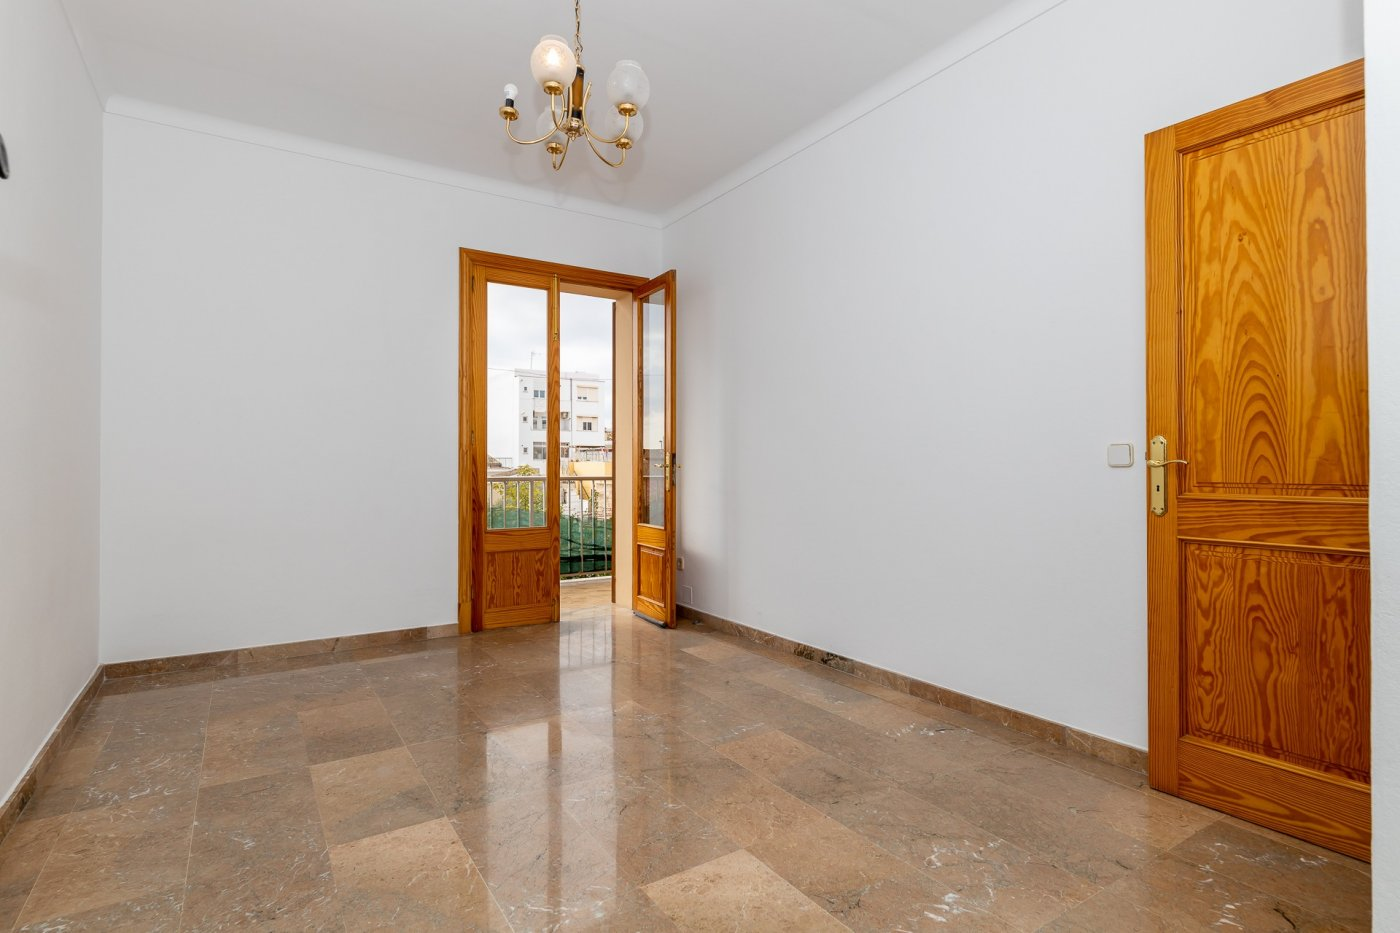 Planta baja y sala adicional de 95 m² con patio de 160 m² - imagenInmueble6